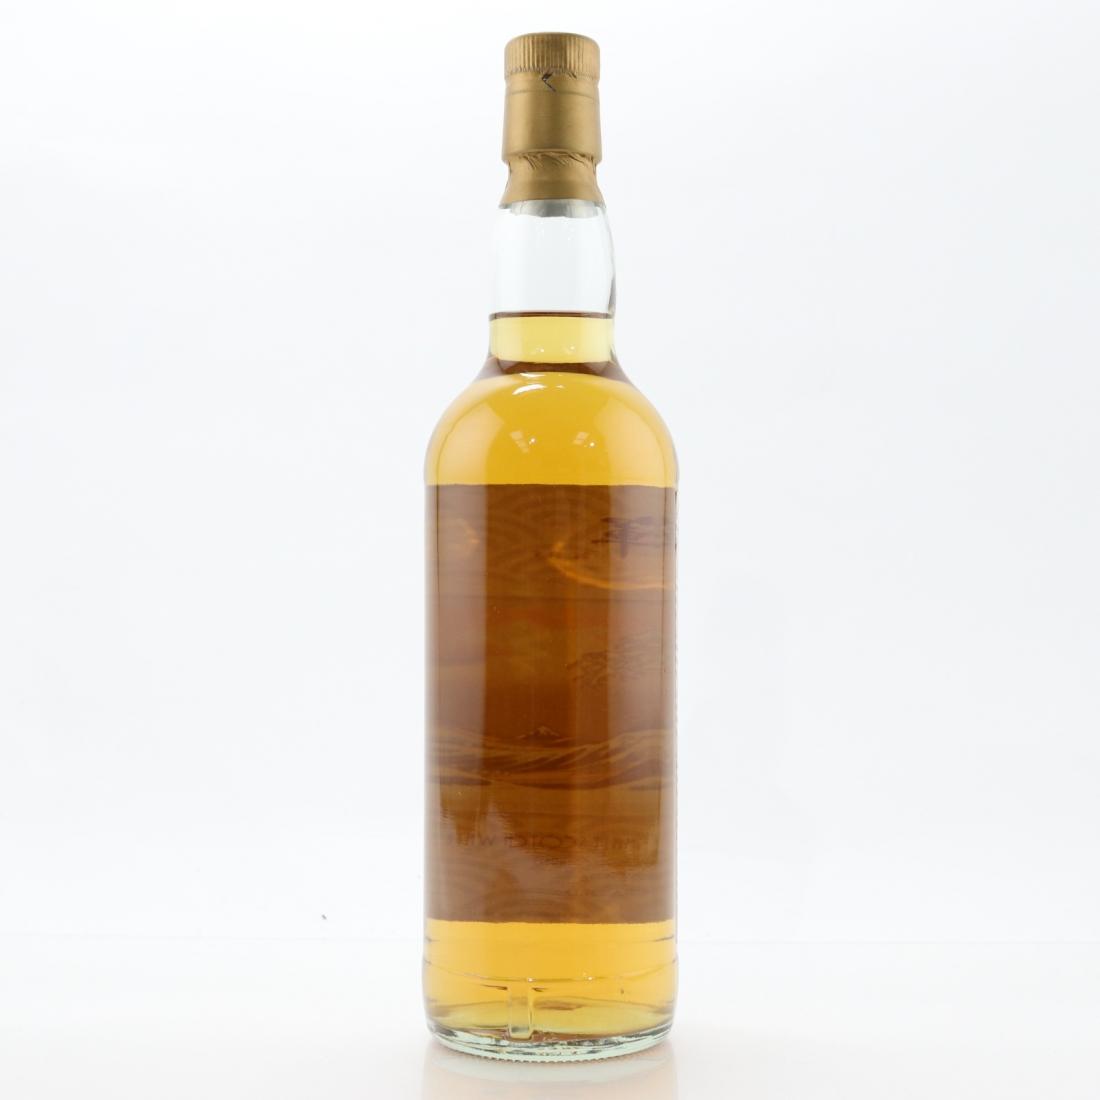 The Whisky Agency 'Extra Old' Speyside Blended Malt